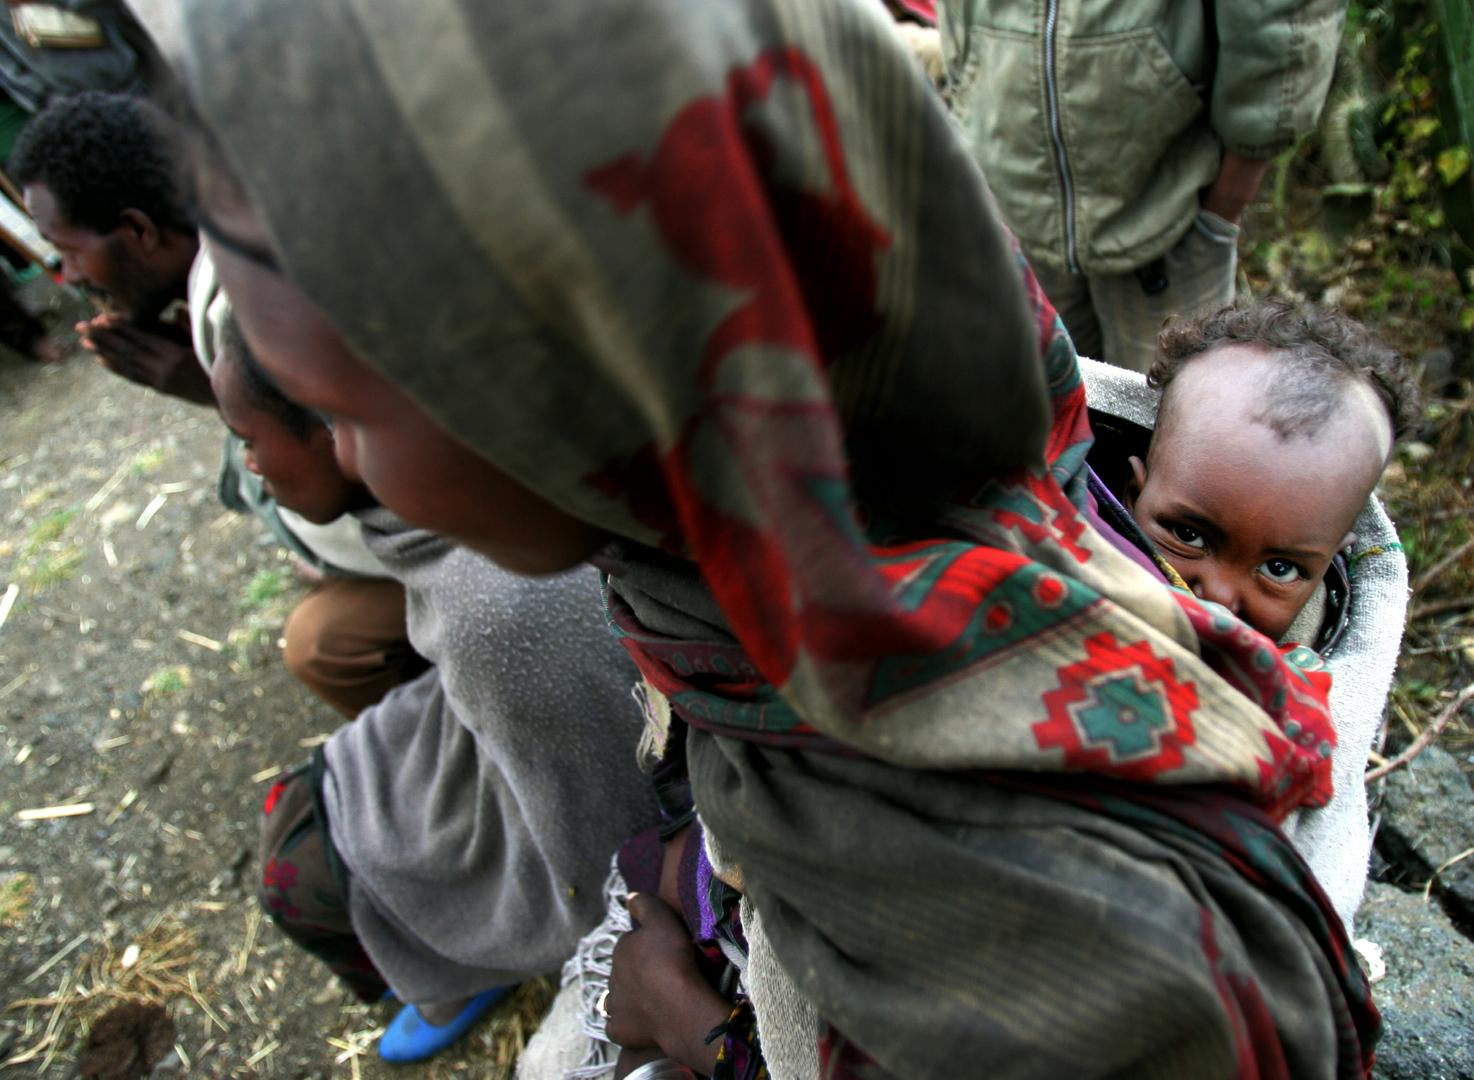 اليونيسف: سوء التغذية الحاد يهدد 100 ألف طفل في تيغراي بإثيوبيا